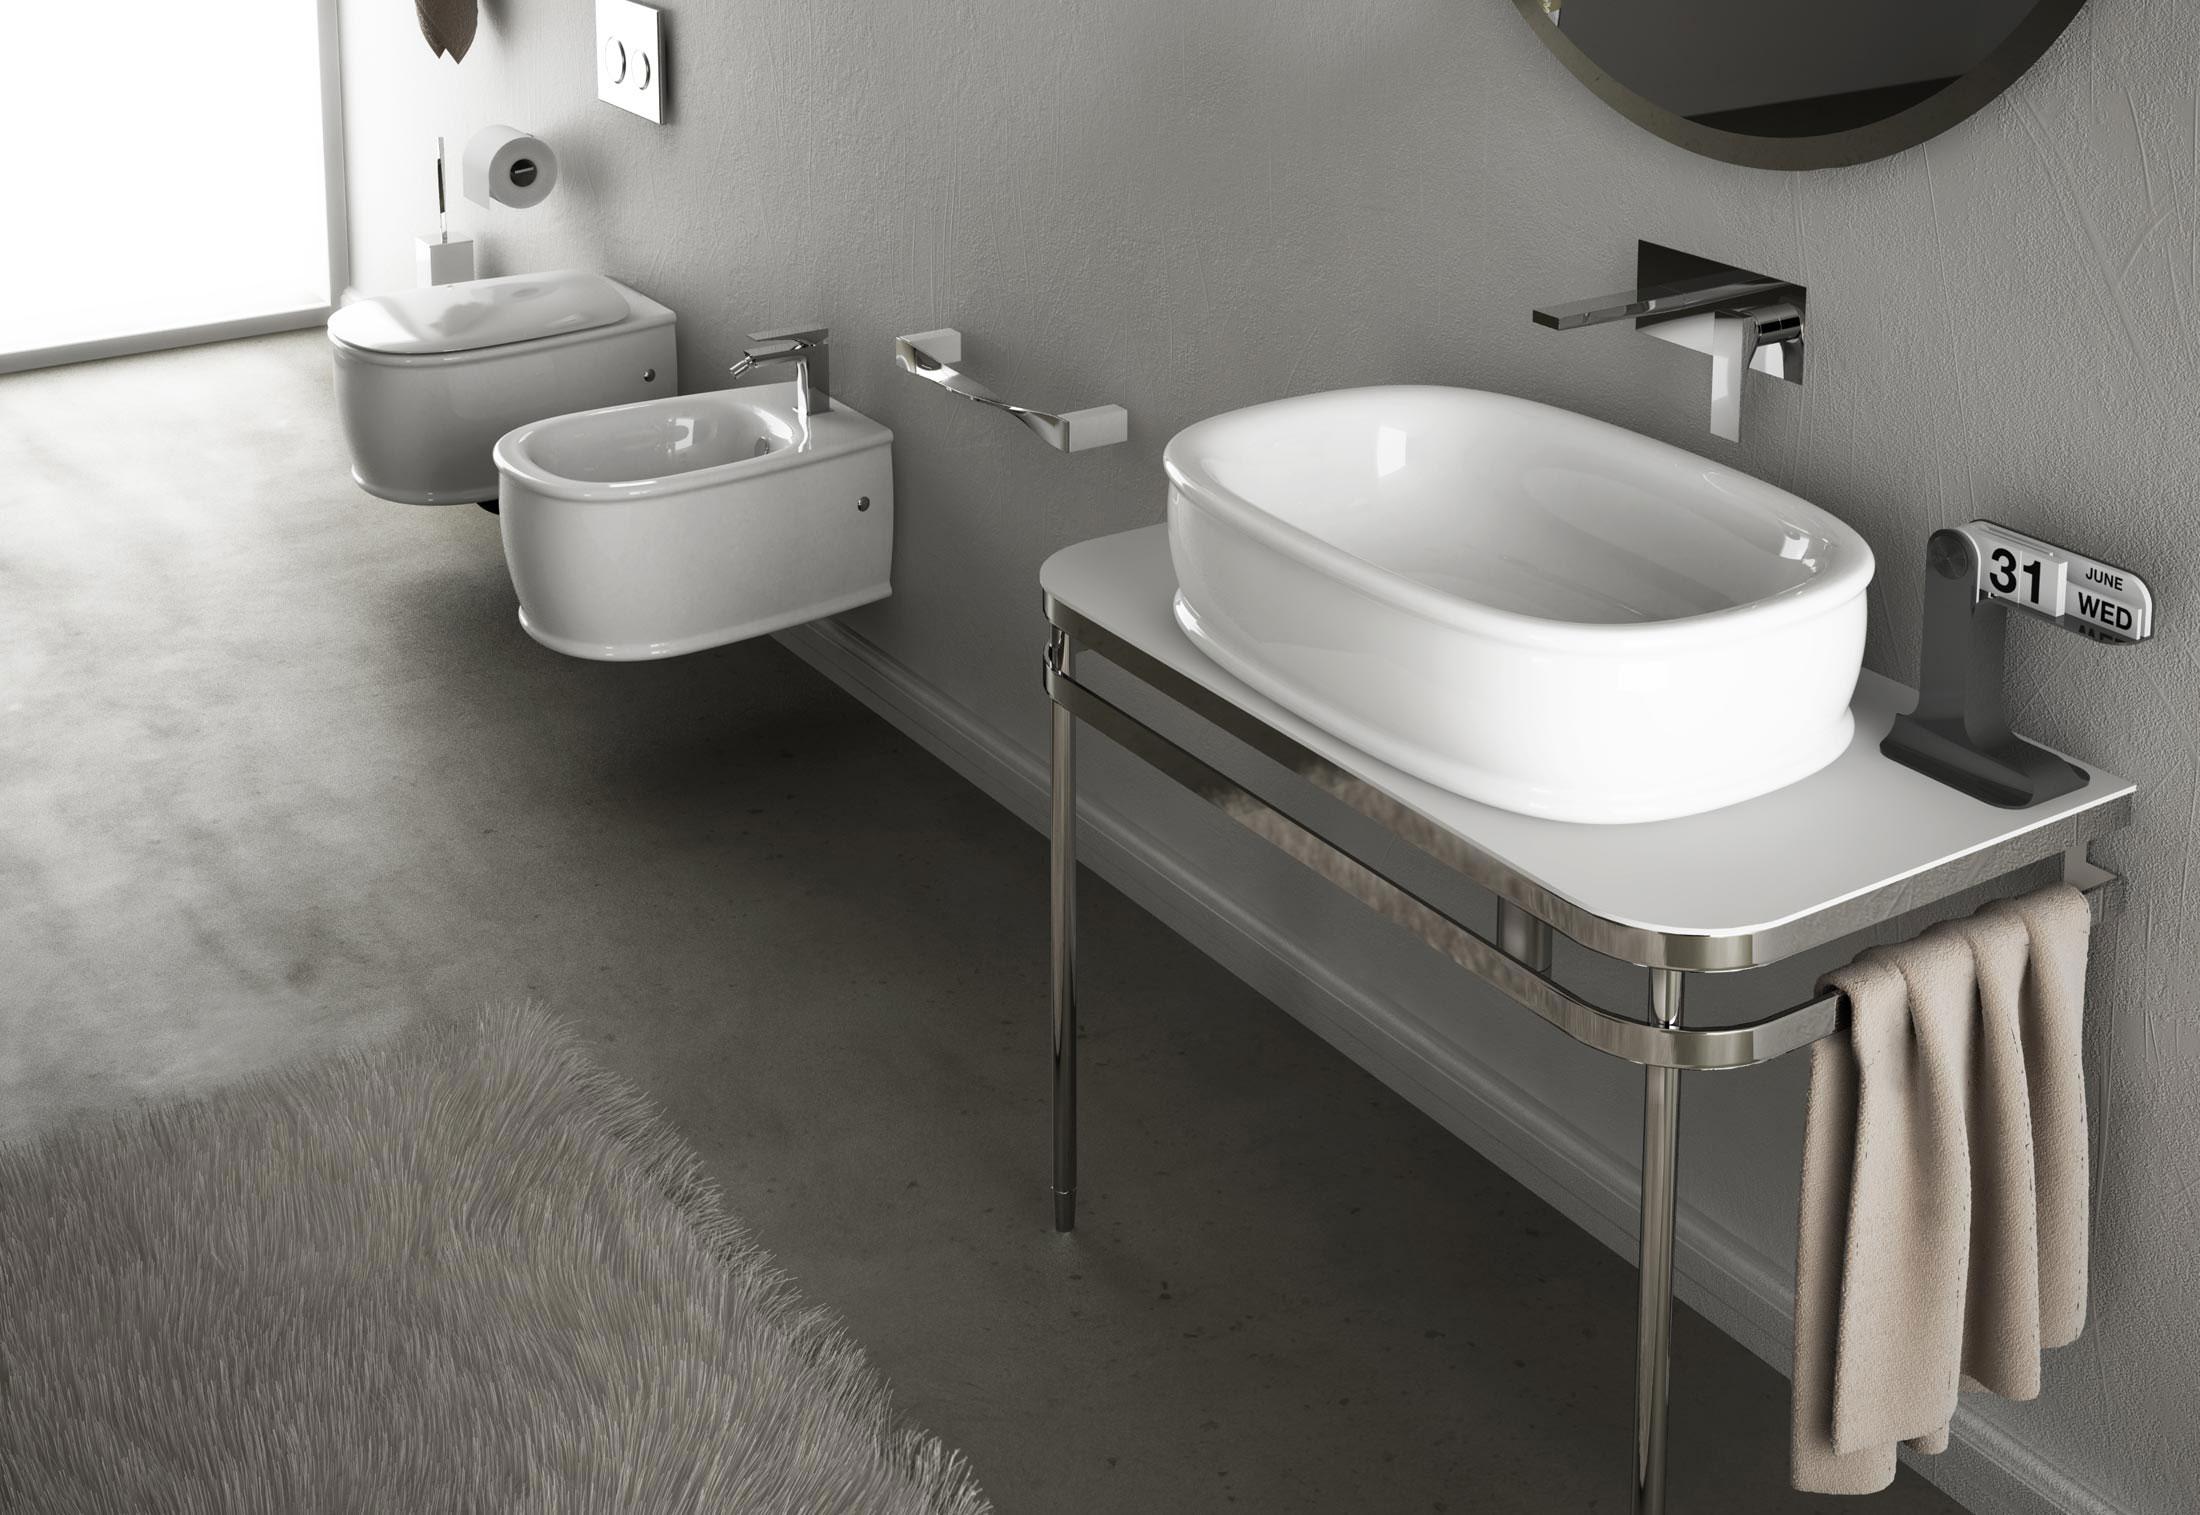 lavabo blanc XIX Kei stone aix en provence provence alpes cote d'azur nice marseille toulon digne nîmes arles montpellier